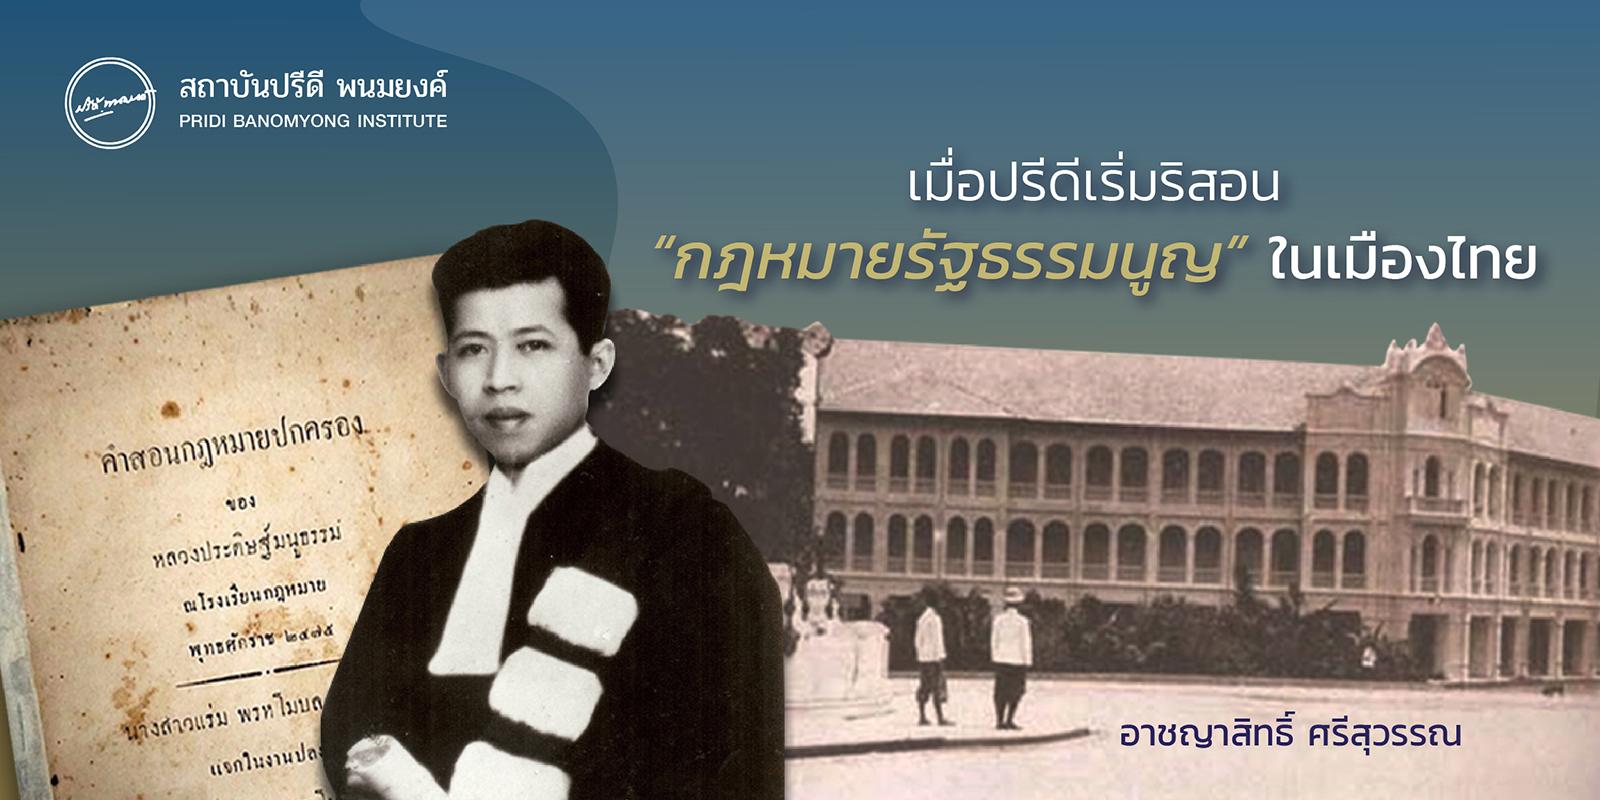 เมื่อปรีดีเริ่มริสอนกฎหมายรัฐธรรมนูญในเมืองไทย